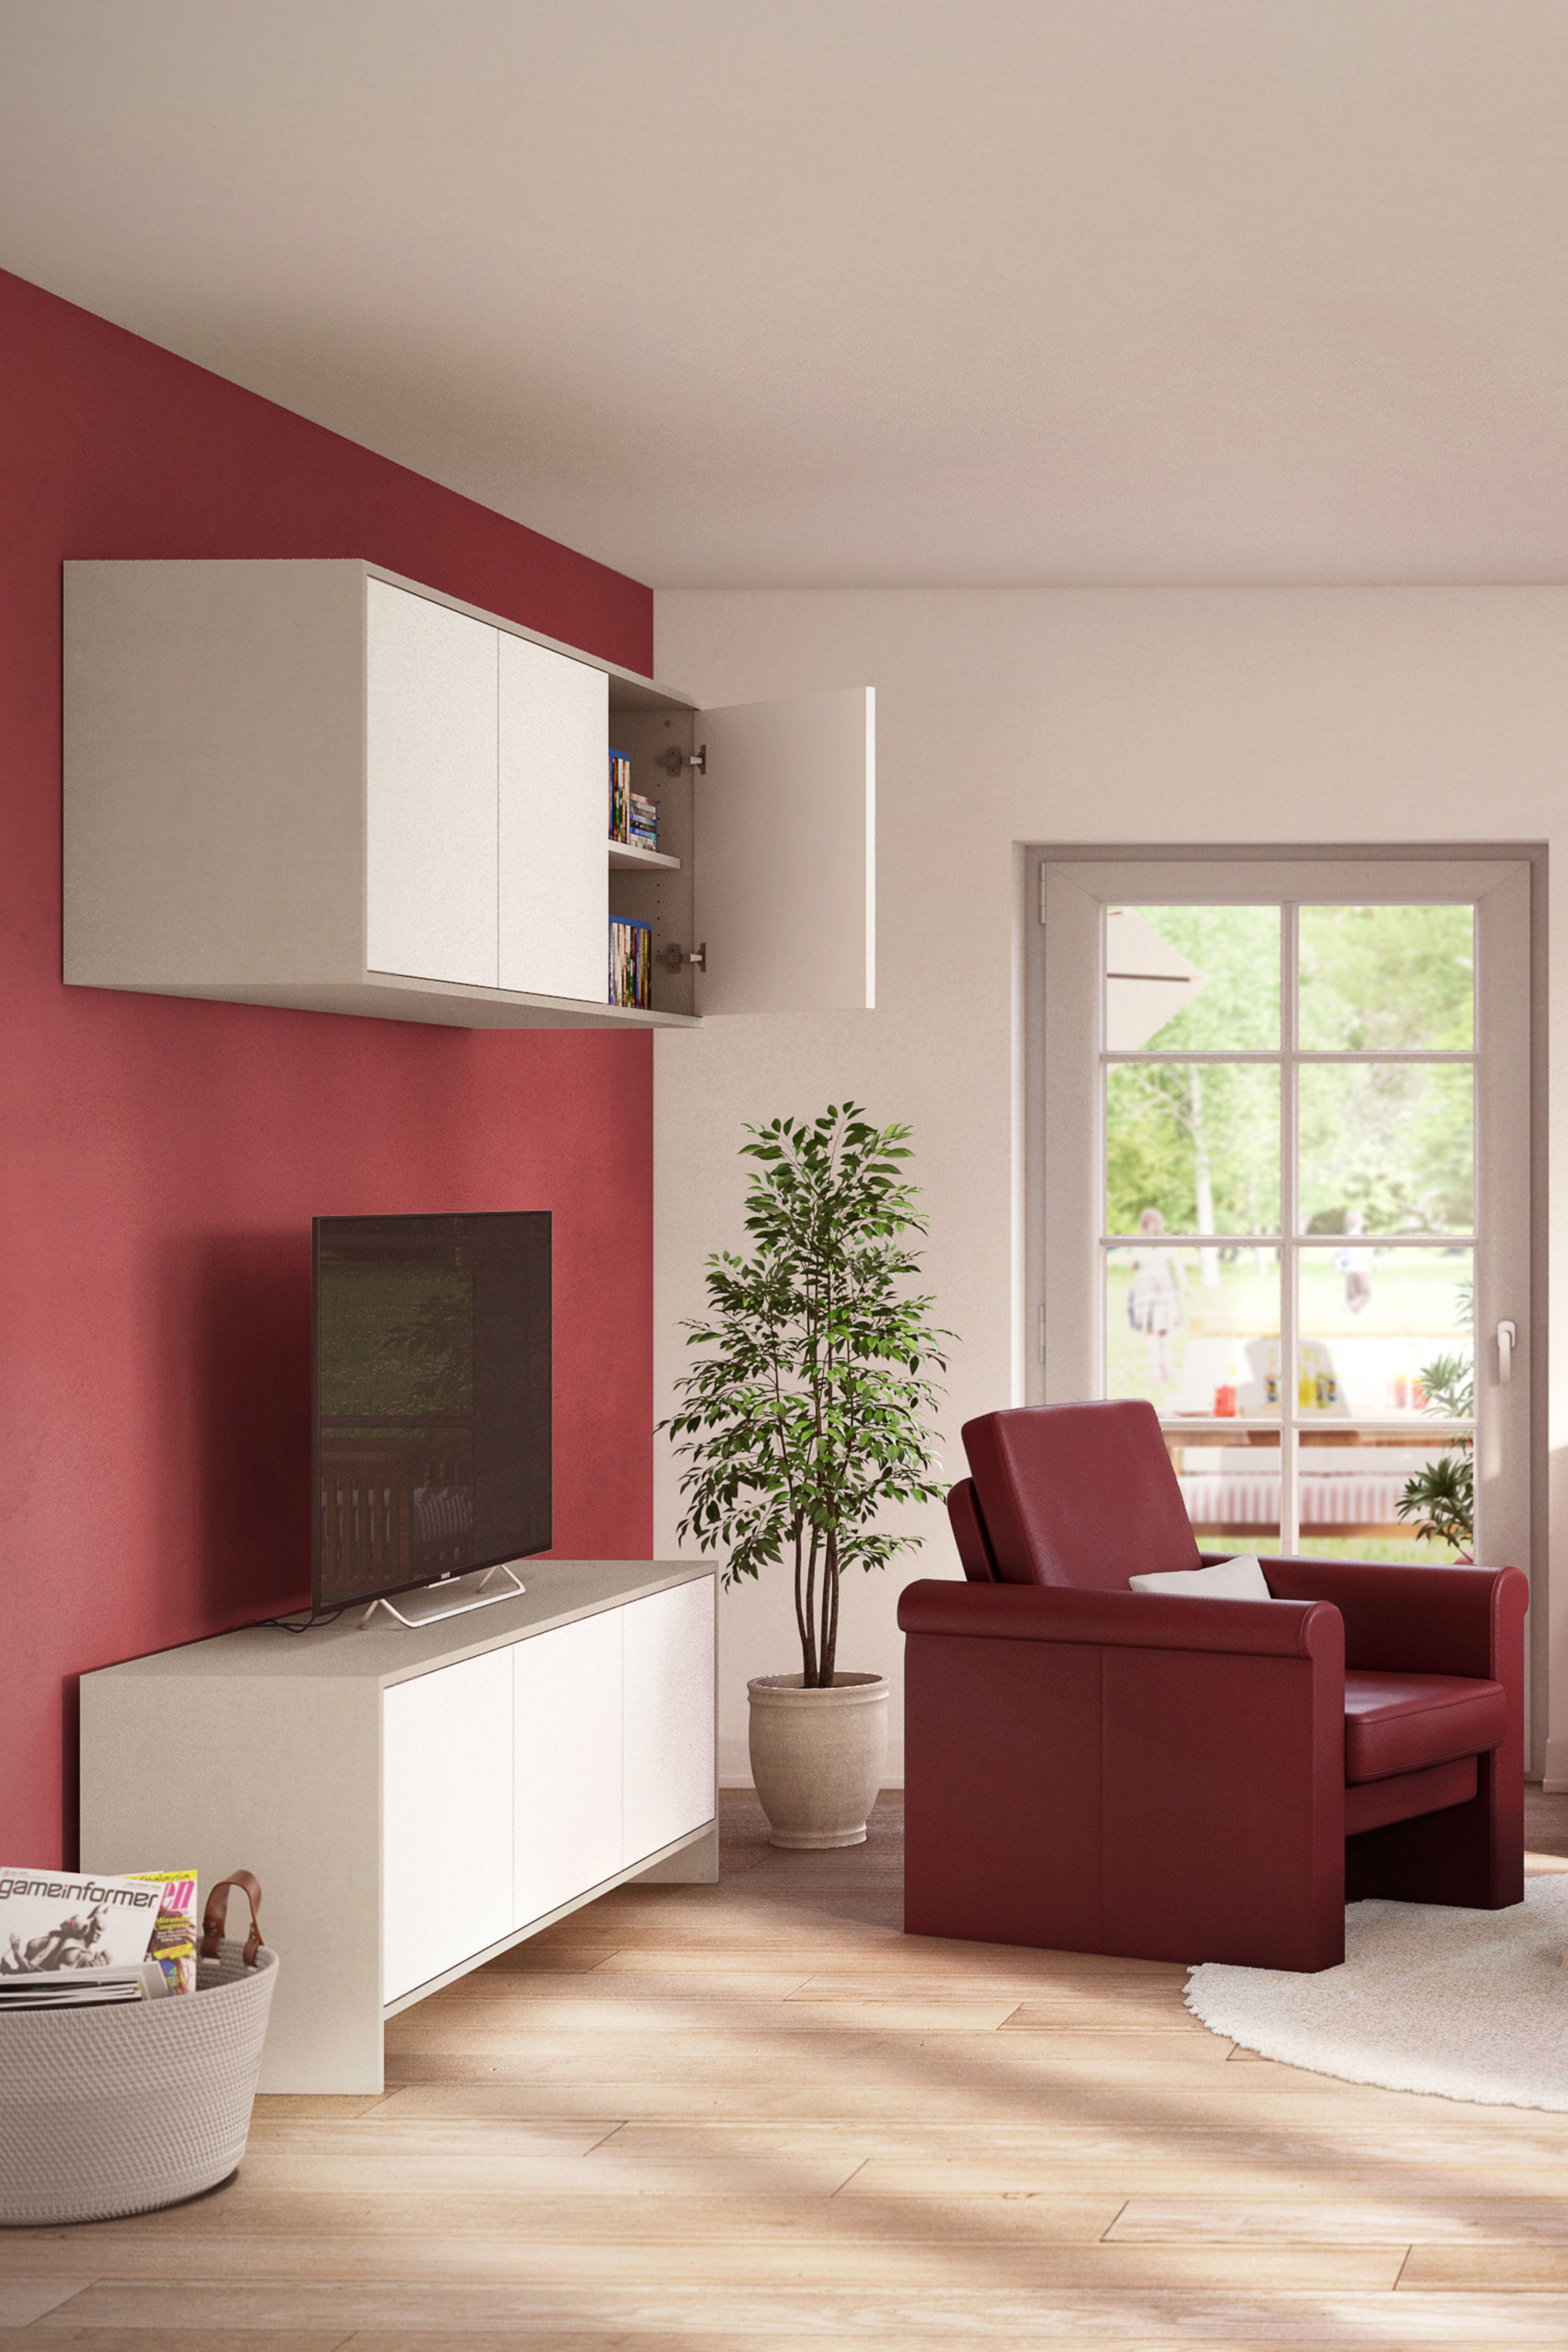 Schicke Sideboards Fur Mehr Stauraum Wohnzimmer Wohnzimmer Sideboard Einrichtung